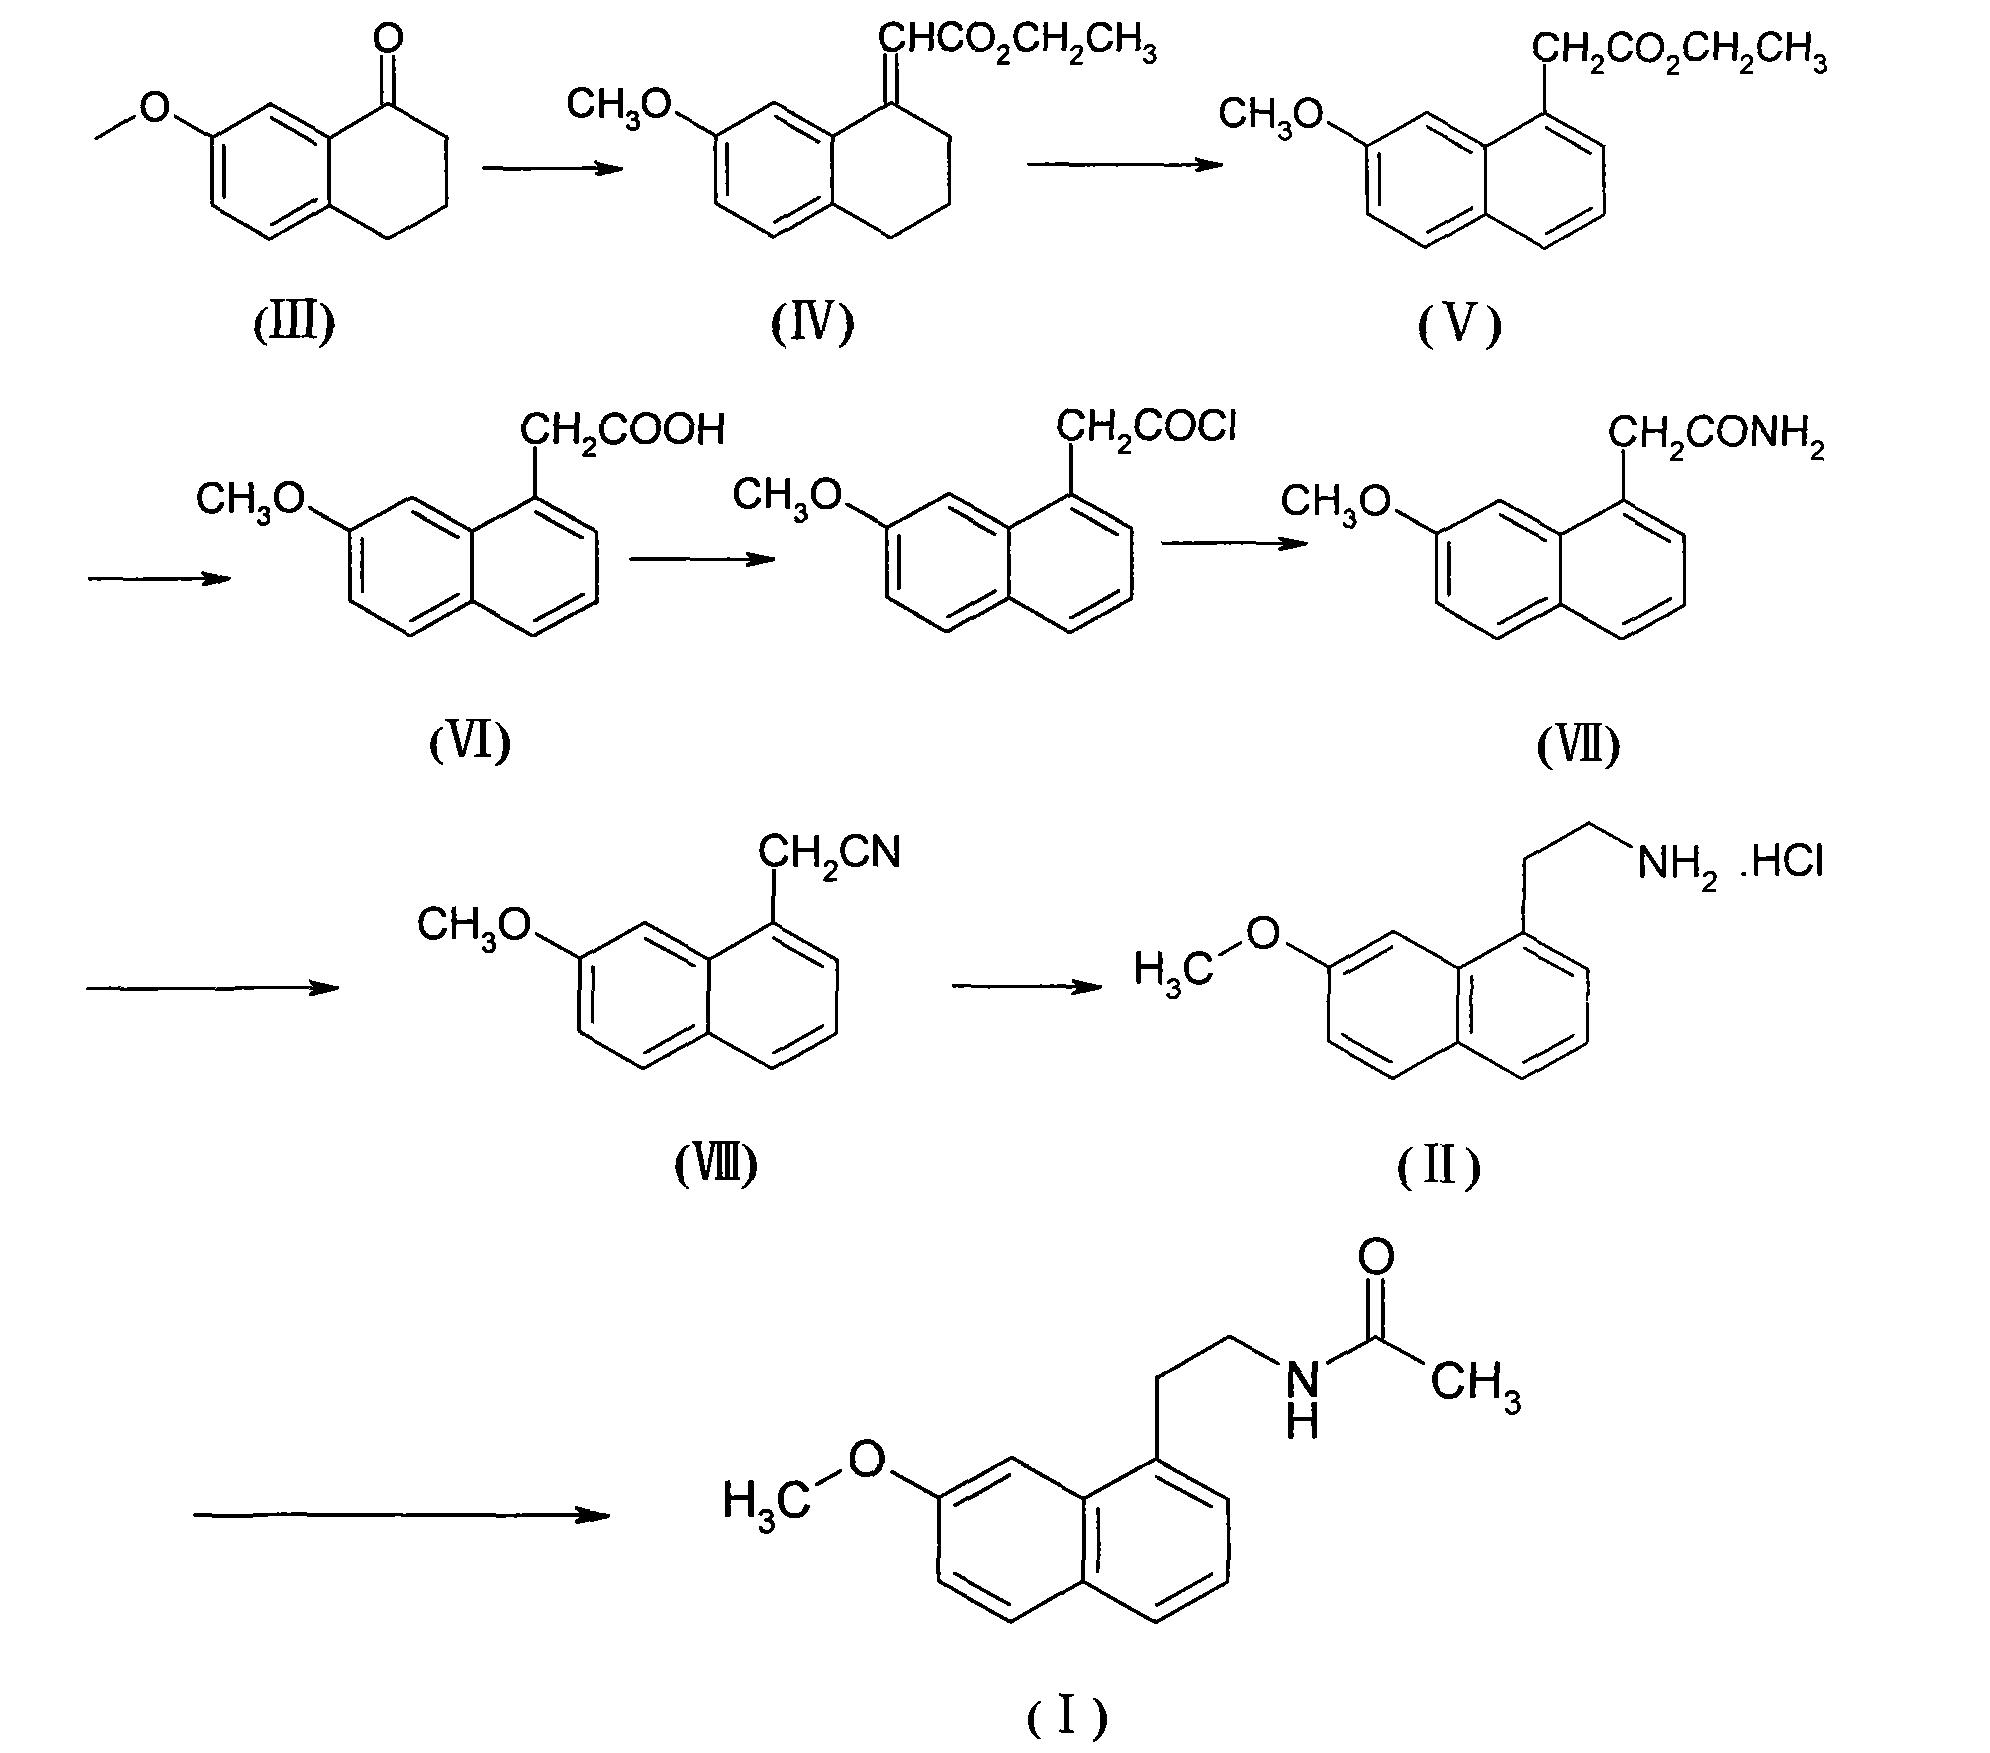 所用的路易斯酸可选自三氟化硼乙醚